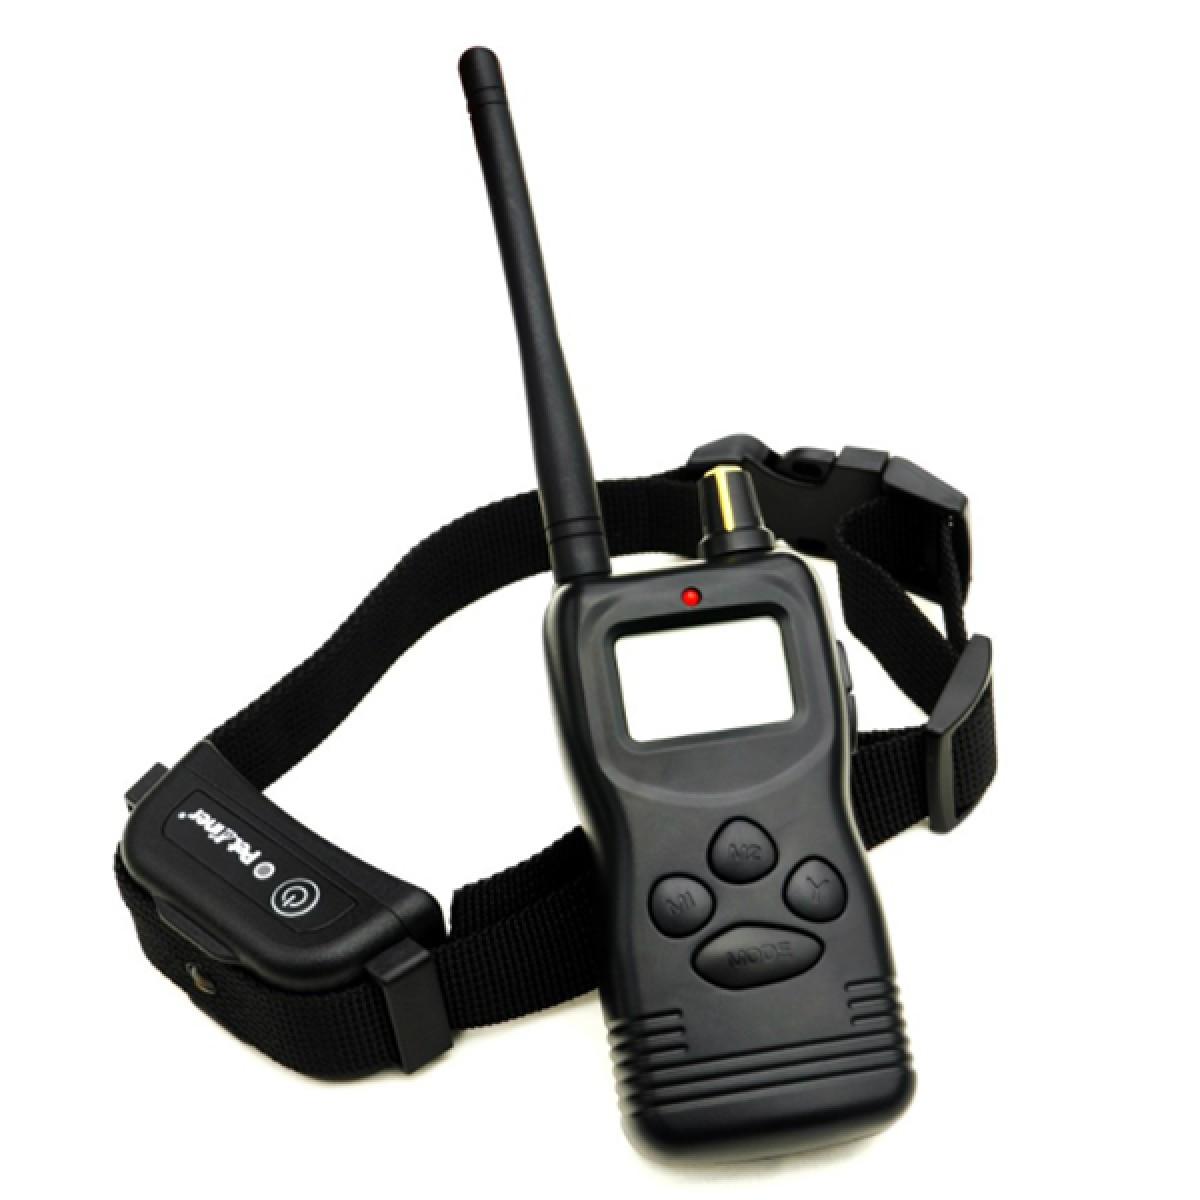 Επαναφορτιζόμενο ηλεκτρονικό κολάρο εκπαίδευσης σκύλου με 1000m εμβέλεια PETRAINER - PET900